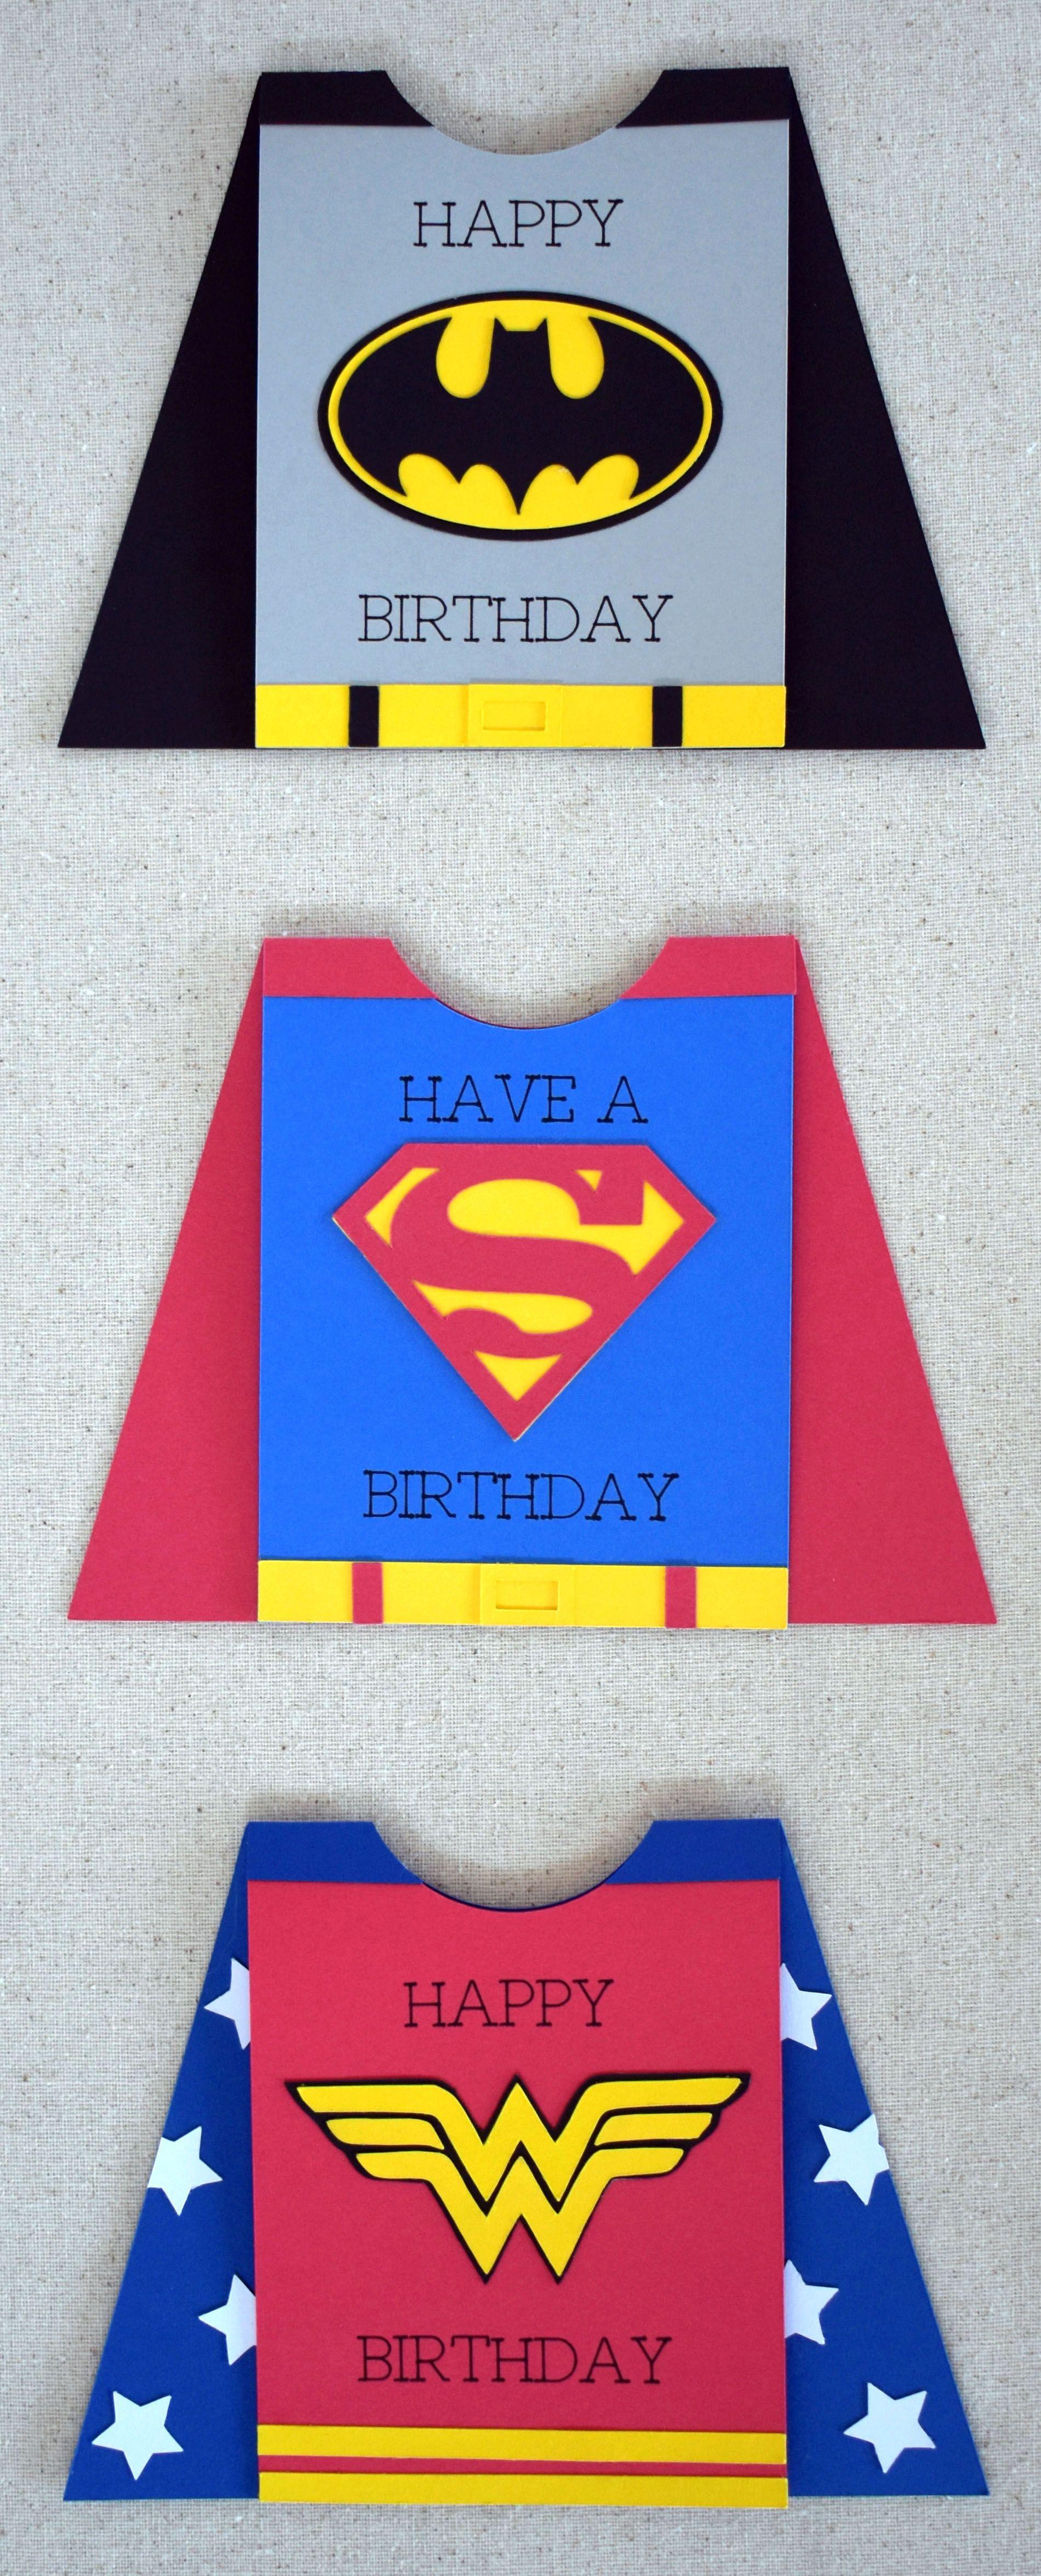 Superhero Card With Cricut Cricut Birthday Birthday Cards For Brother Cricut Birthday Cards